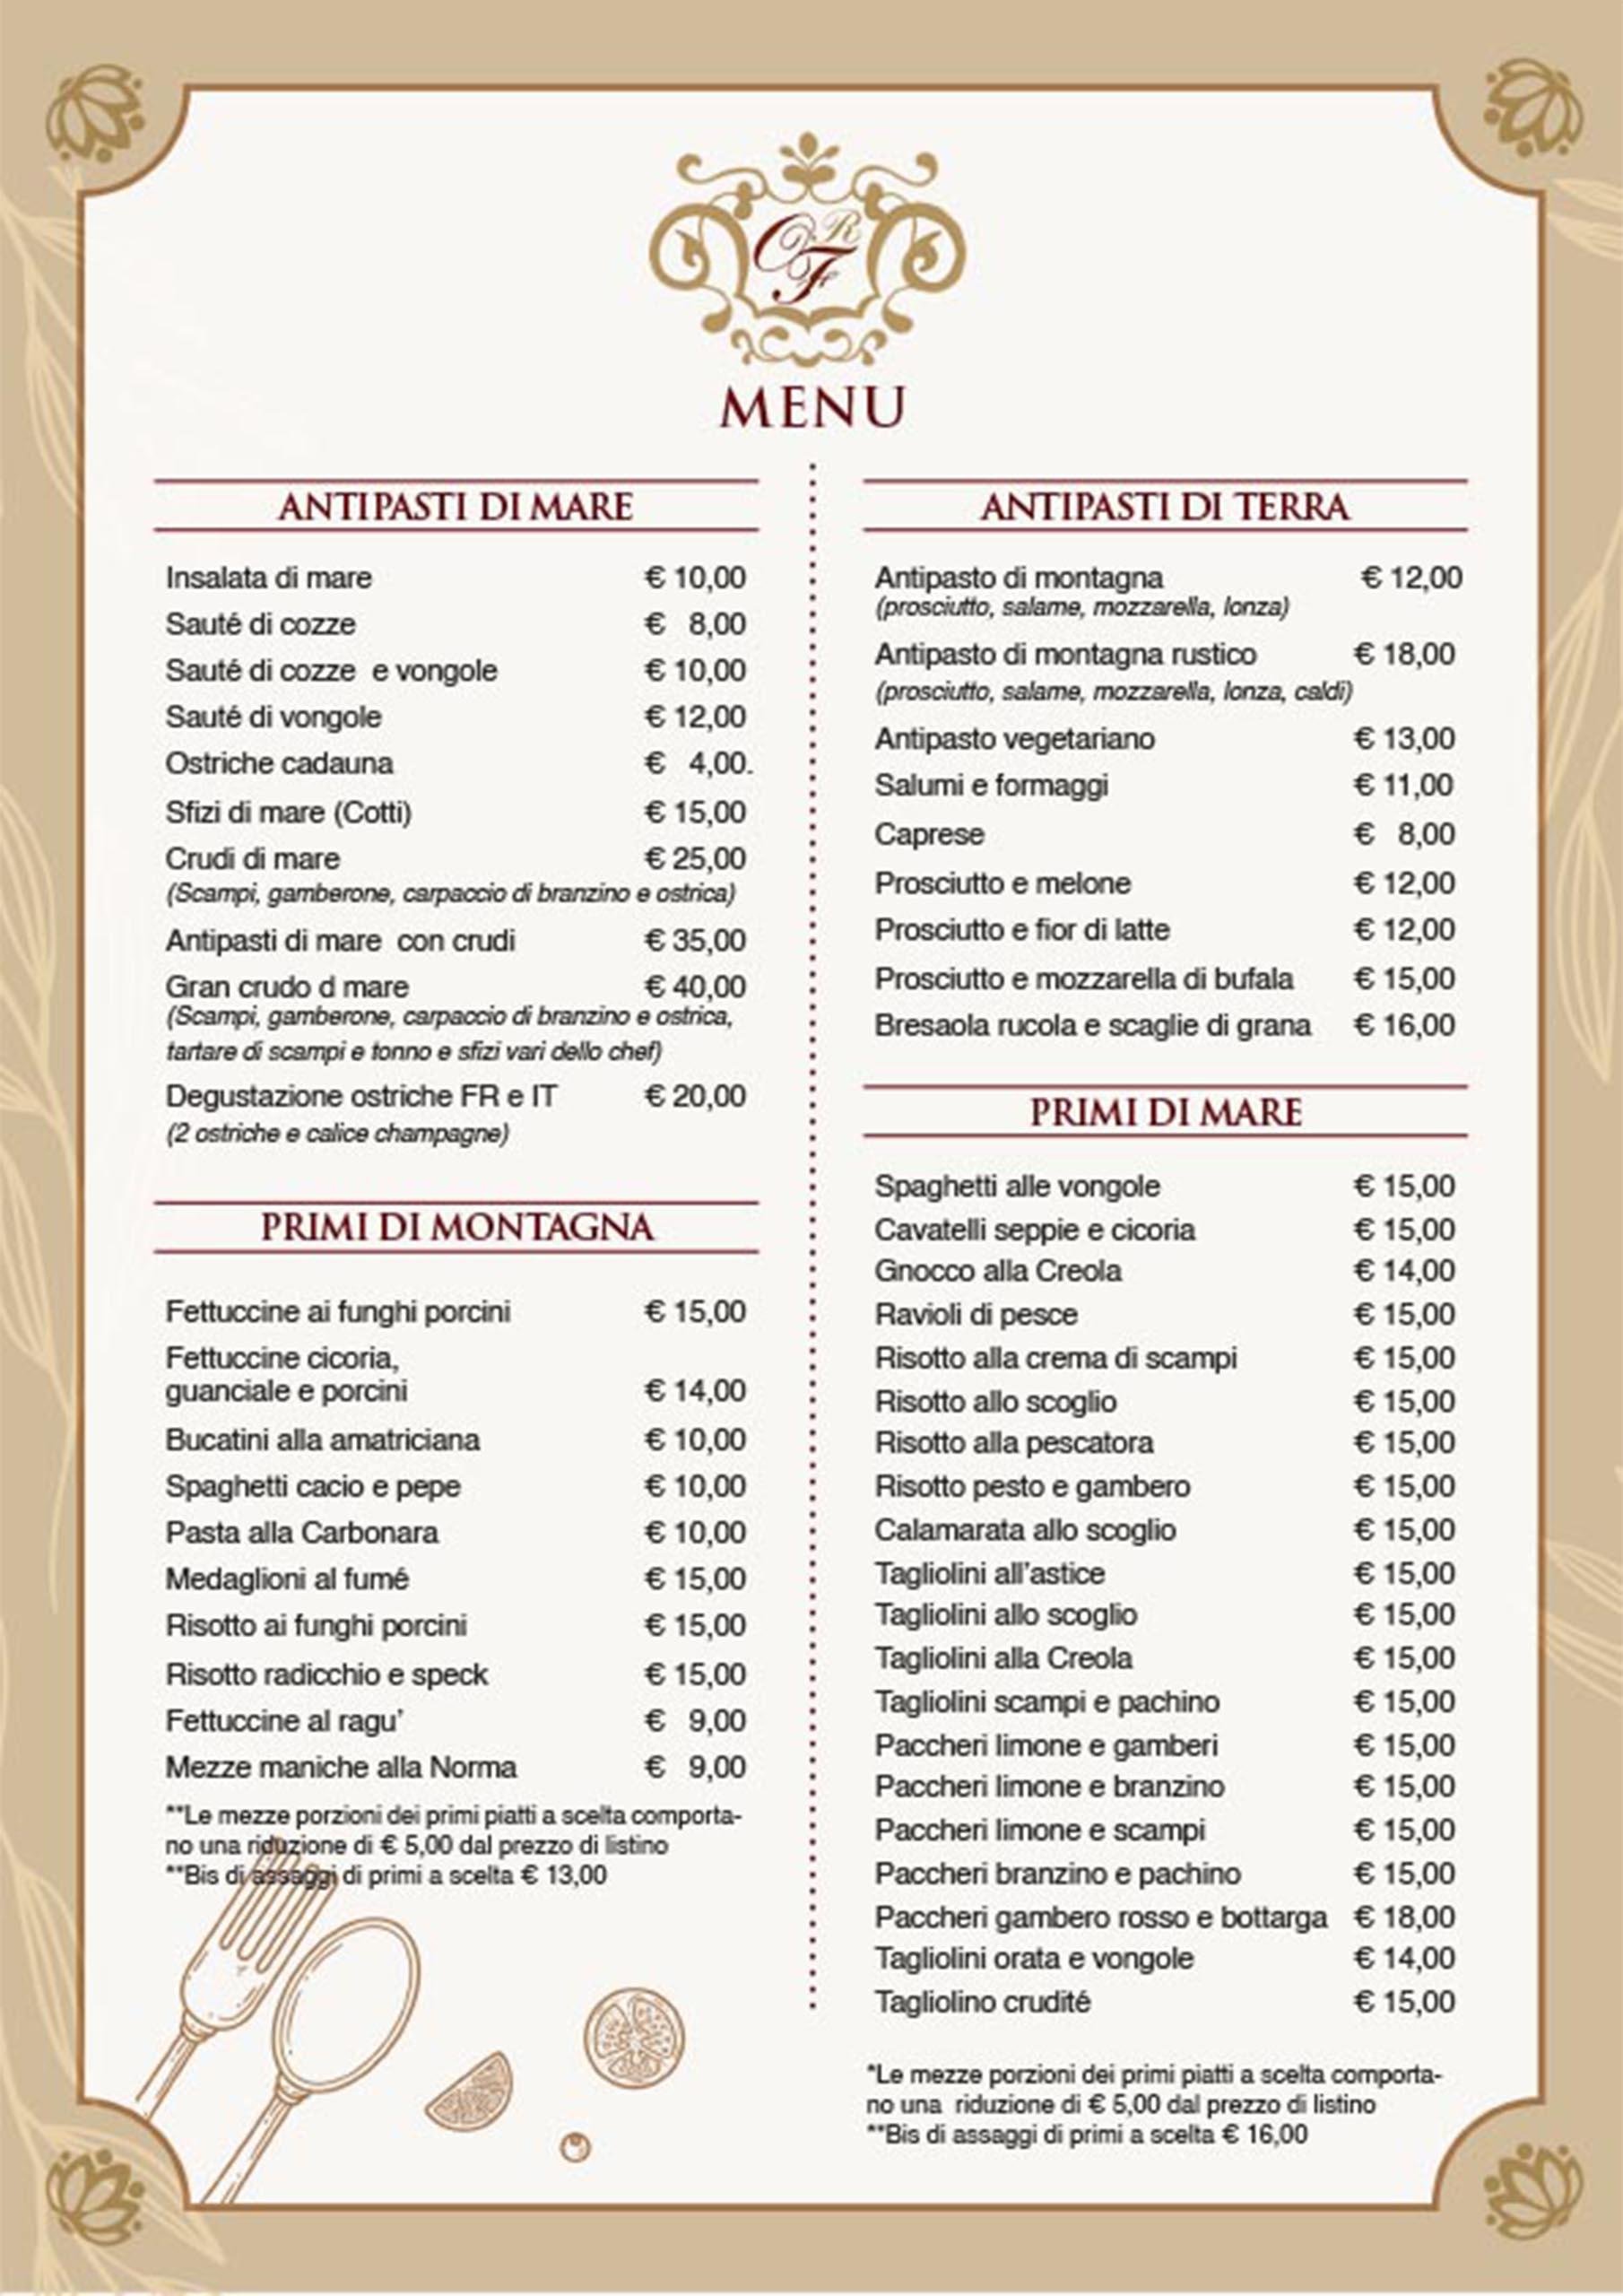 oasi_ristorante_menu_intero_luglio_2020_1